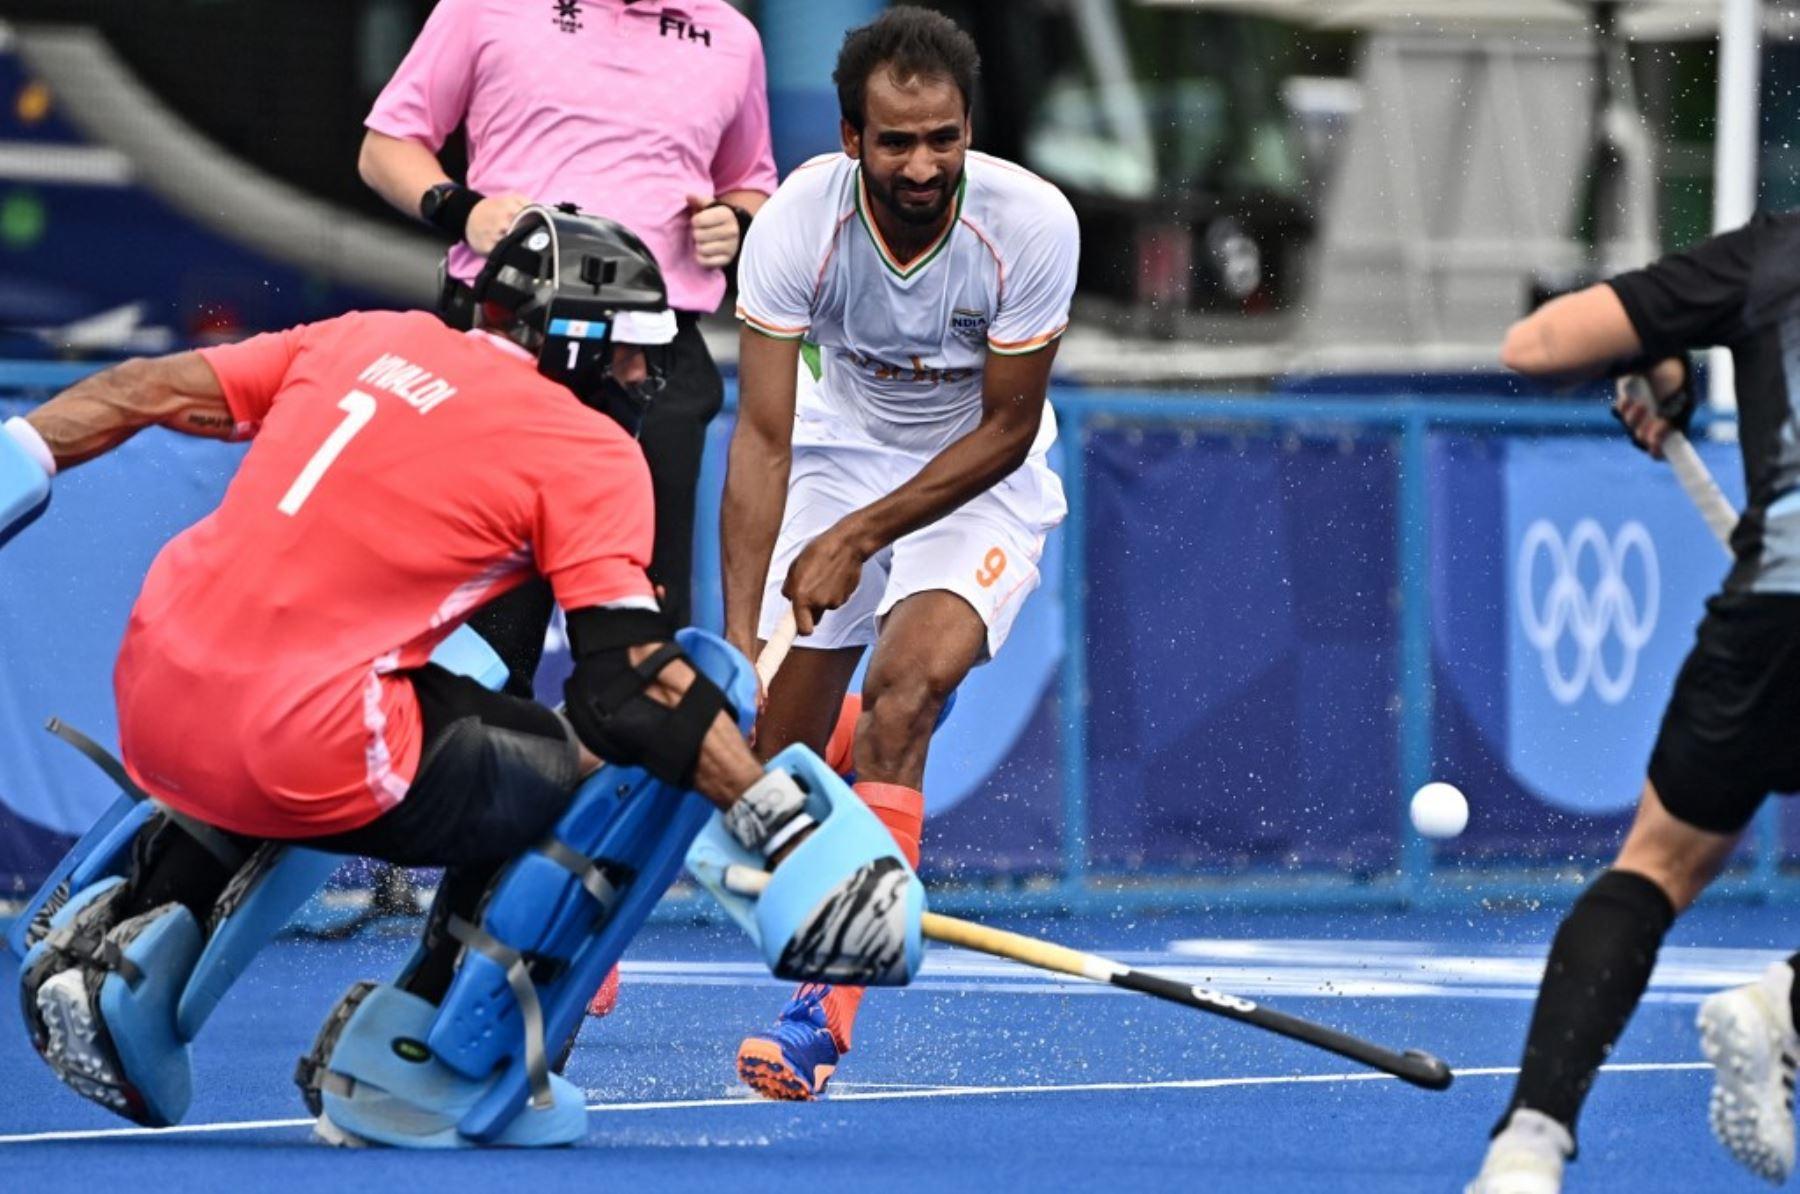 La actual campeona olímpica de hockey, Argentina, registró un duro revés ante la India